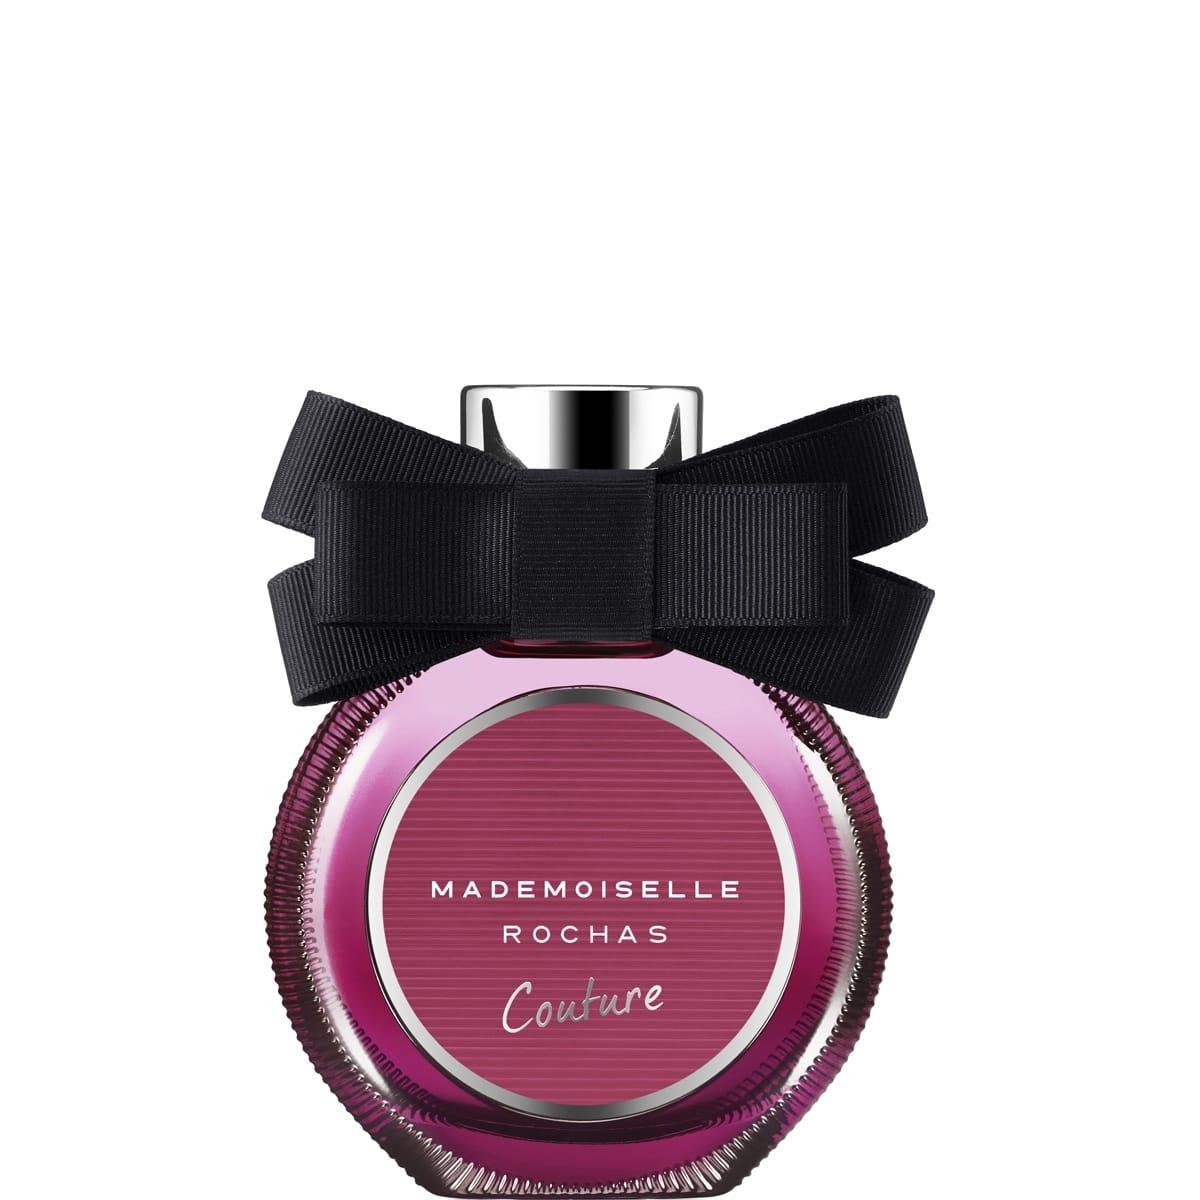 Incenza Eau Parfum Mademoiselle Couture Yde2hiw9 De Rochas xorCBed